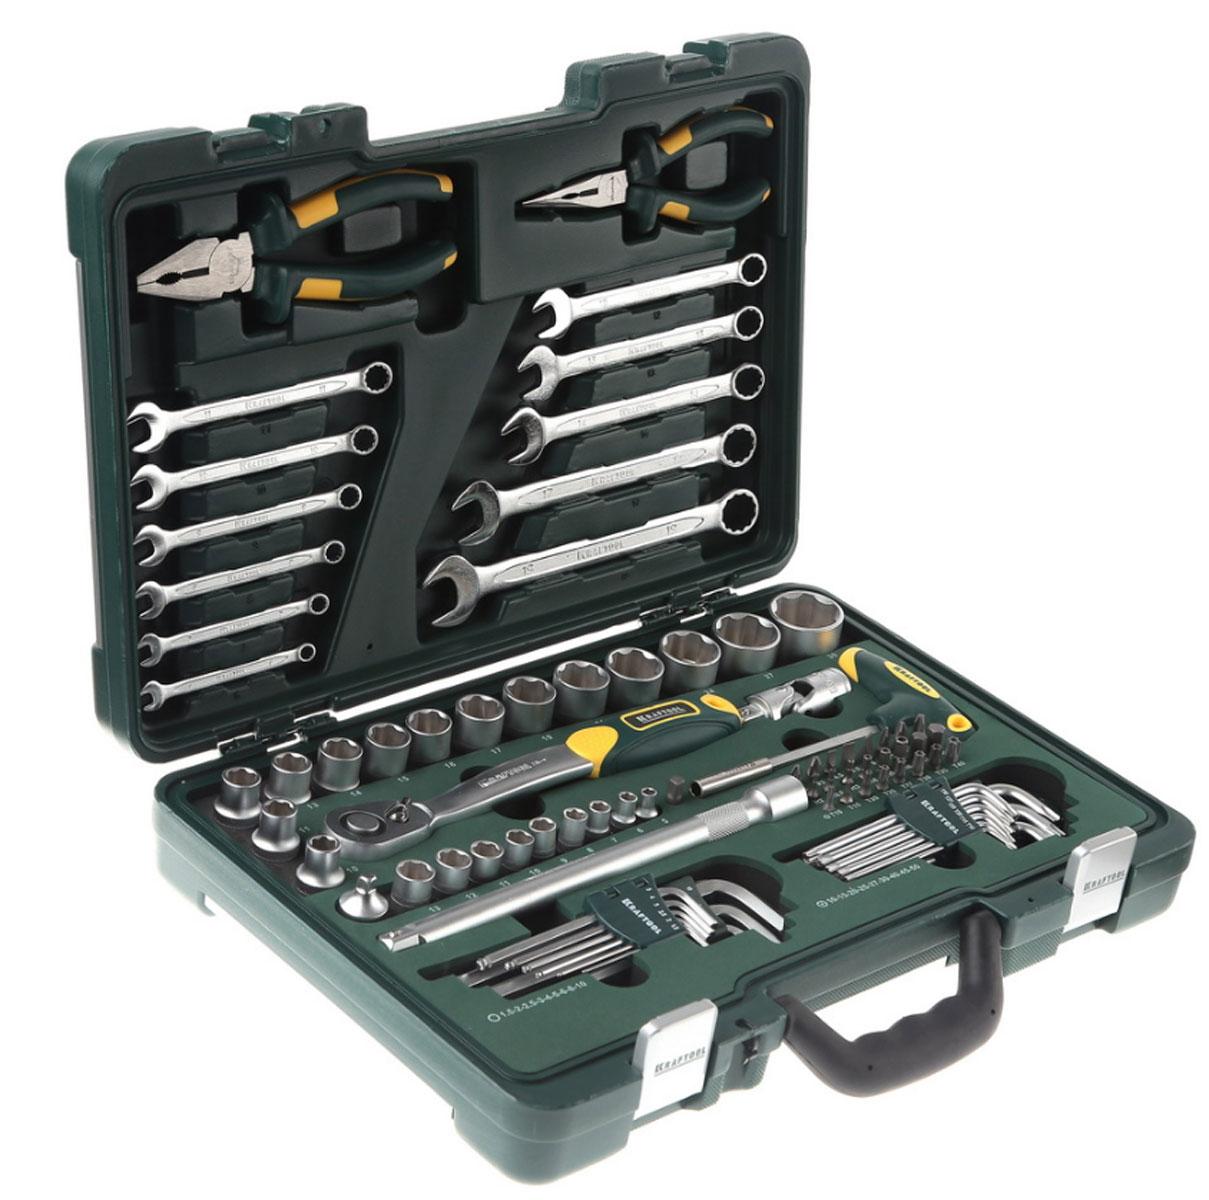 Набор слесарно-монтажных инструментов Kraftool Industry, 84 предмета27977-H84Набор слесарно-монтажных инструментов Kraftool Industry состоит из разнообразных инструментов, необходимых при выполнении профессиональных слесарных и монтажных работ, а также домашнего ремонта. Этот профессиональный набор разработан в соответствии с самыми высокими требованиями и предназначен для индустриального применения. Выдерживает интенсивные нагрузки, имеет большой ресурс и обеспечивает превосходное качество выполнения работ. Инструменты в наборе изготовлены из высококачественной закаленной хромованадиевой стали. Хромированное покрытие защищает от коррозии и увеличивает срок службы. Набор снабжен профилем SUPER-LOCK для переноса пятен контактов с углов граней крепежа к их центру. Инструменты имеют очень удобные рукоятки, благодаря чему обеспечивается комфортная работа. Инструменты размещены в двух отделениях кейса, створки которого складываются и закрываются специальными защелками. Набор слесарного инструмента включает: - торцовые головки FLANK 1/4 9 шт - 5, 6, 7, 8, 9, 10, 11, 12, 13 мм; - битодержатель с Т-образной ручкой; - адаптер - H1/4 x SQ1/4;- биты 1/4 25 мм 24 шт - PH1, 2, 3; - PZ2, 3; SL4.5, 6.5, 8; H2, 2.5, 3, 4, 5, 7, 8; T10, 15, 20, 25, 27, 30, 35, 40; - торцовые головки SUPER-LOCK 1/2 14 шт - 10, 11, 12, 13, 14, 15, 16, 17, 19, 21, 22, 24, 27, 30 мм; - шарнир карданный 1/2;- удлинитель для торцовых головок 1/2 - 250 мм; - адаптер - 1/4M х SQ1/2F; - трещотка, 72 зубца 1/2;- тонкогубцы, 150 мм; - плоскогубцы комбинированные, 180 мм; - имбусовые ключи 9 шт - 1.5, 2, 2.5, 3, 4, 5, 6, 8, 10 мм; - имбусовые ключи 9 шт - 10, 15, 20, 25, 27, 30, 40, 45, 50 мм; - комбинированные ключи 11 шт - 6, 7, 8, 9, 10, 11, 12, 13, 14, 17, 19 мм.